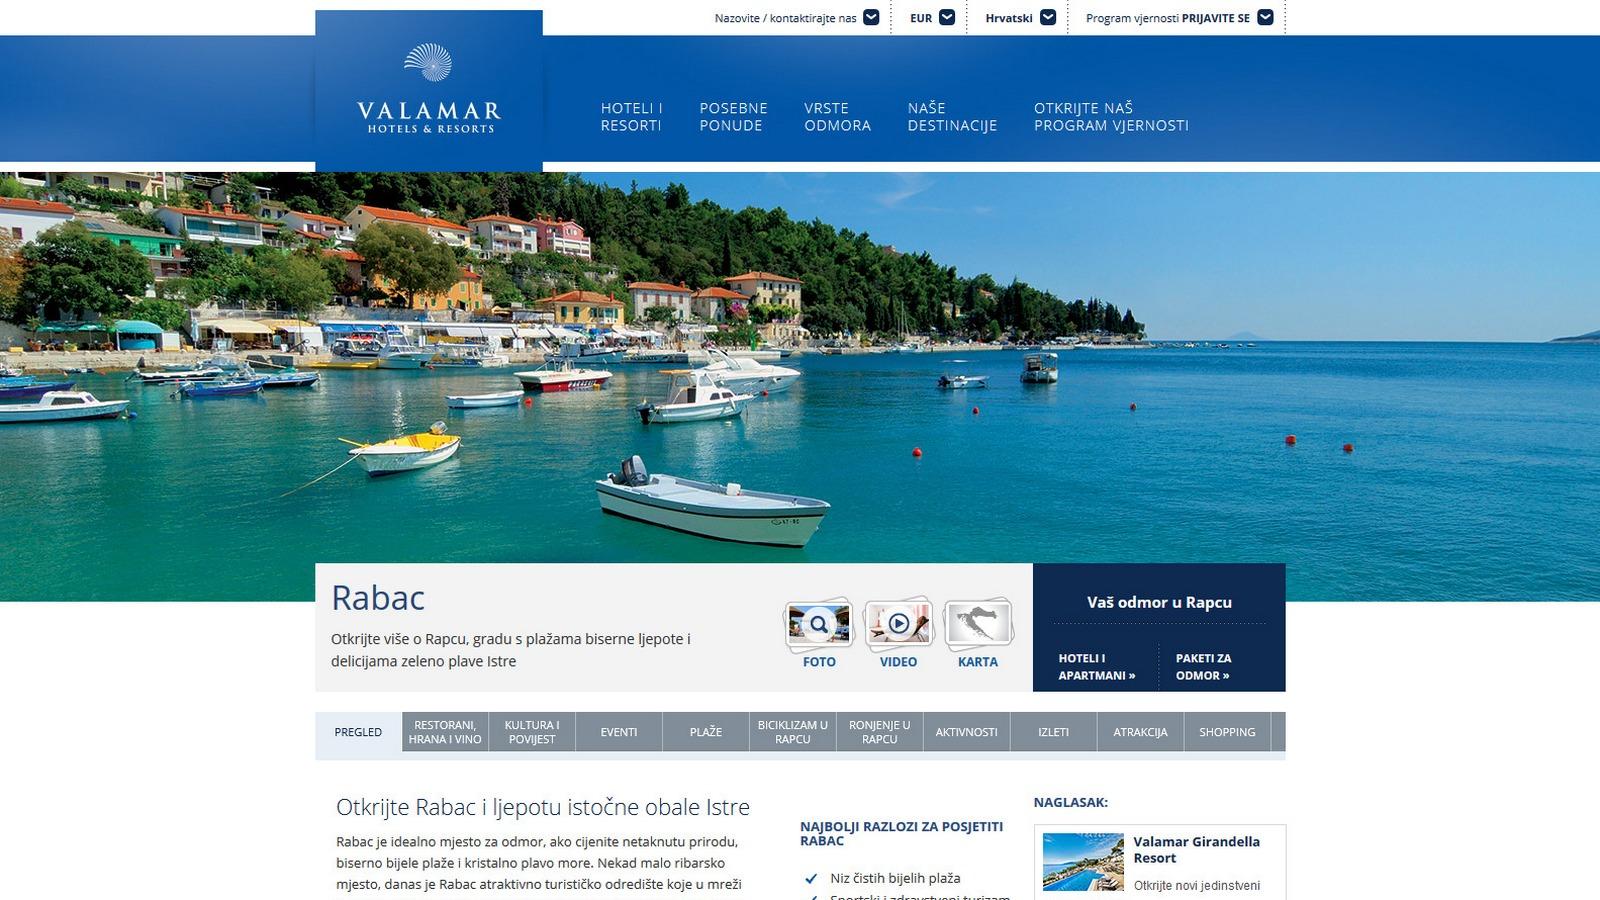 Valamar Hotels & Resorts - Rabac